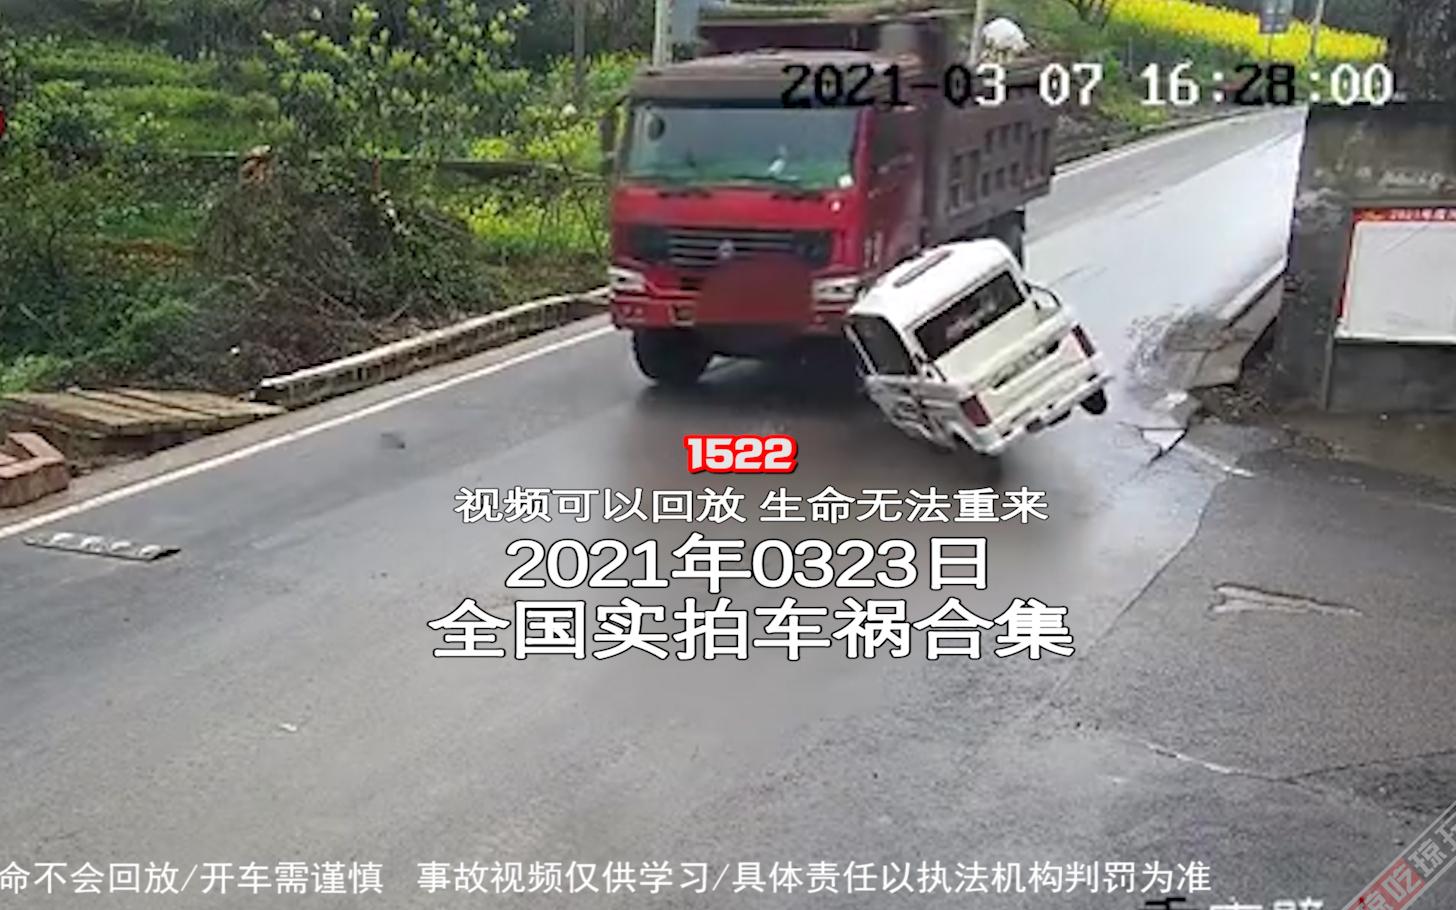 1522期:新买的特斯拉,在市区试用自动驾驶,结果连撞多车【20210323全国车祸合集】